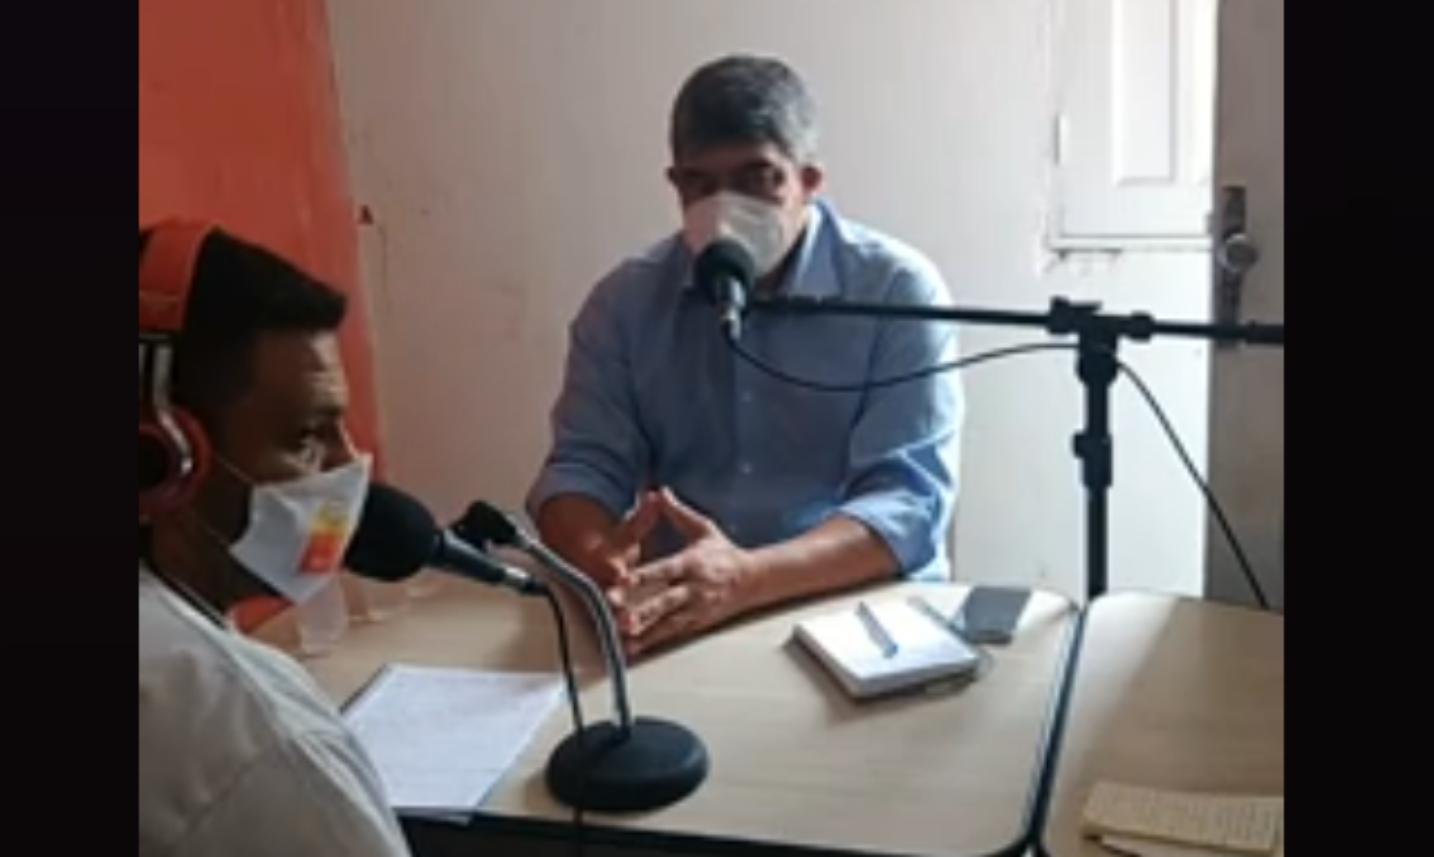 NESTA QUARTA-FEIRA DIA 12 DE AGOSTO PREFEITO AGNELO CONCEDEU ENTREVISTA NA RÁDIO 109.9FM